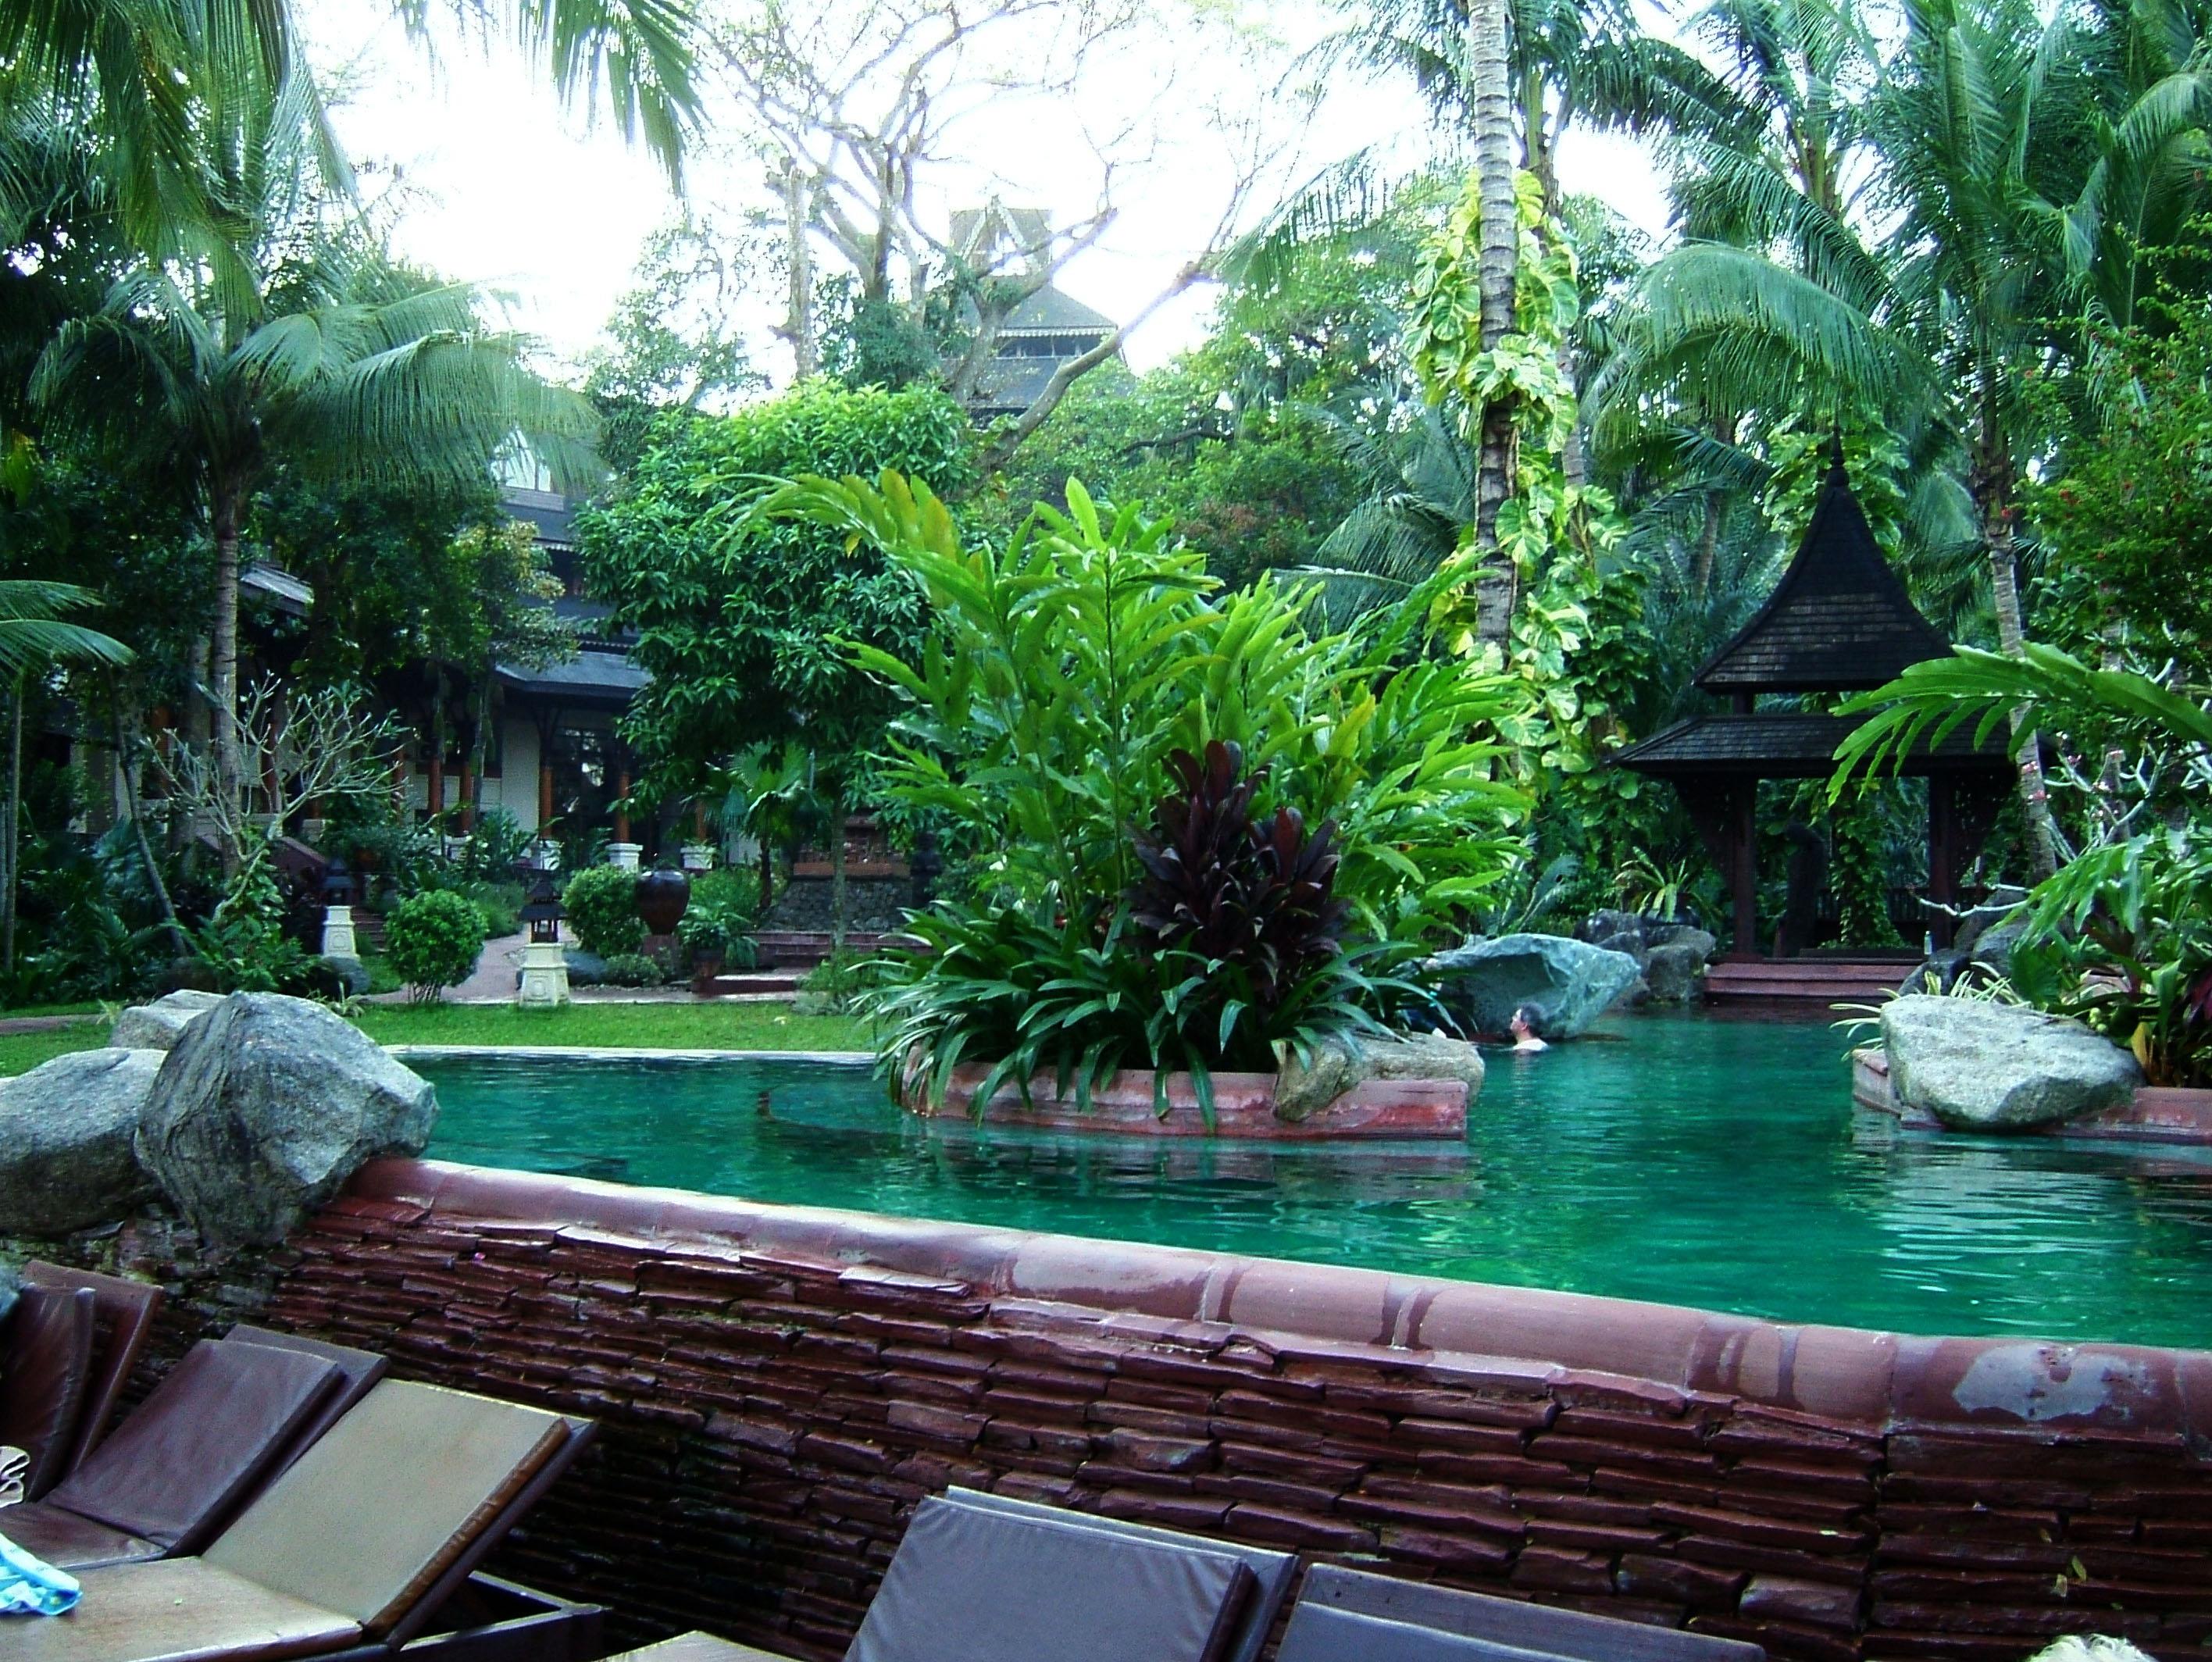 Yangon Kandawgyi Palace Hotel Swimming Pool Nov 2004 03